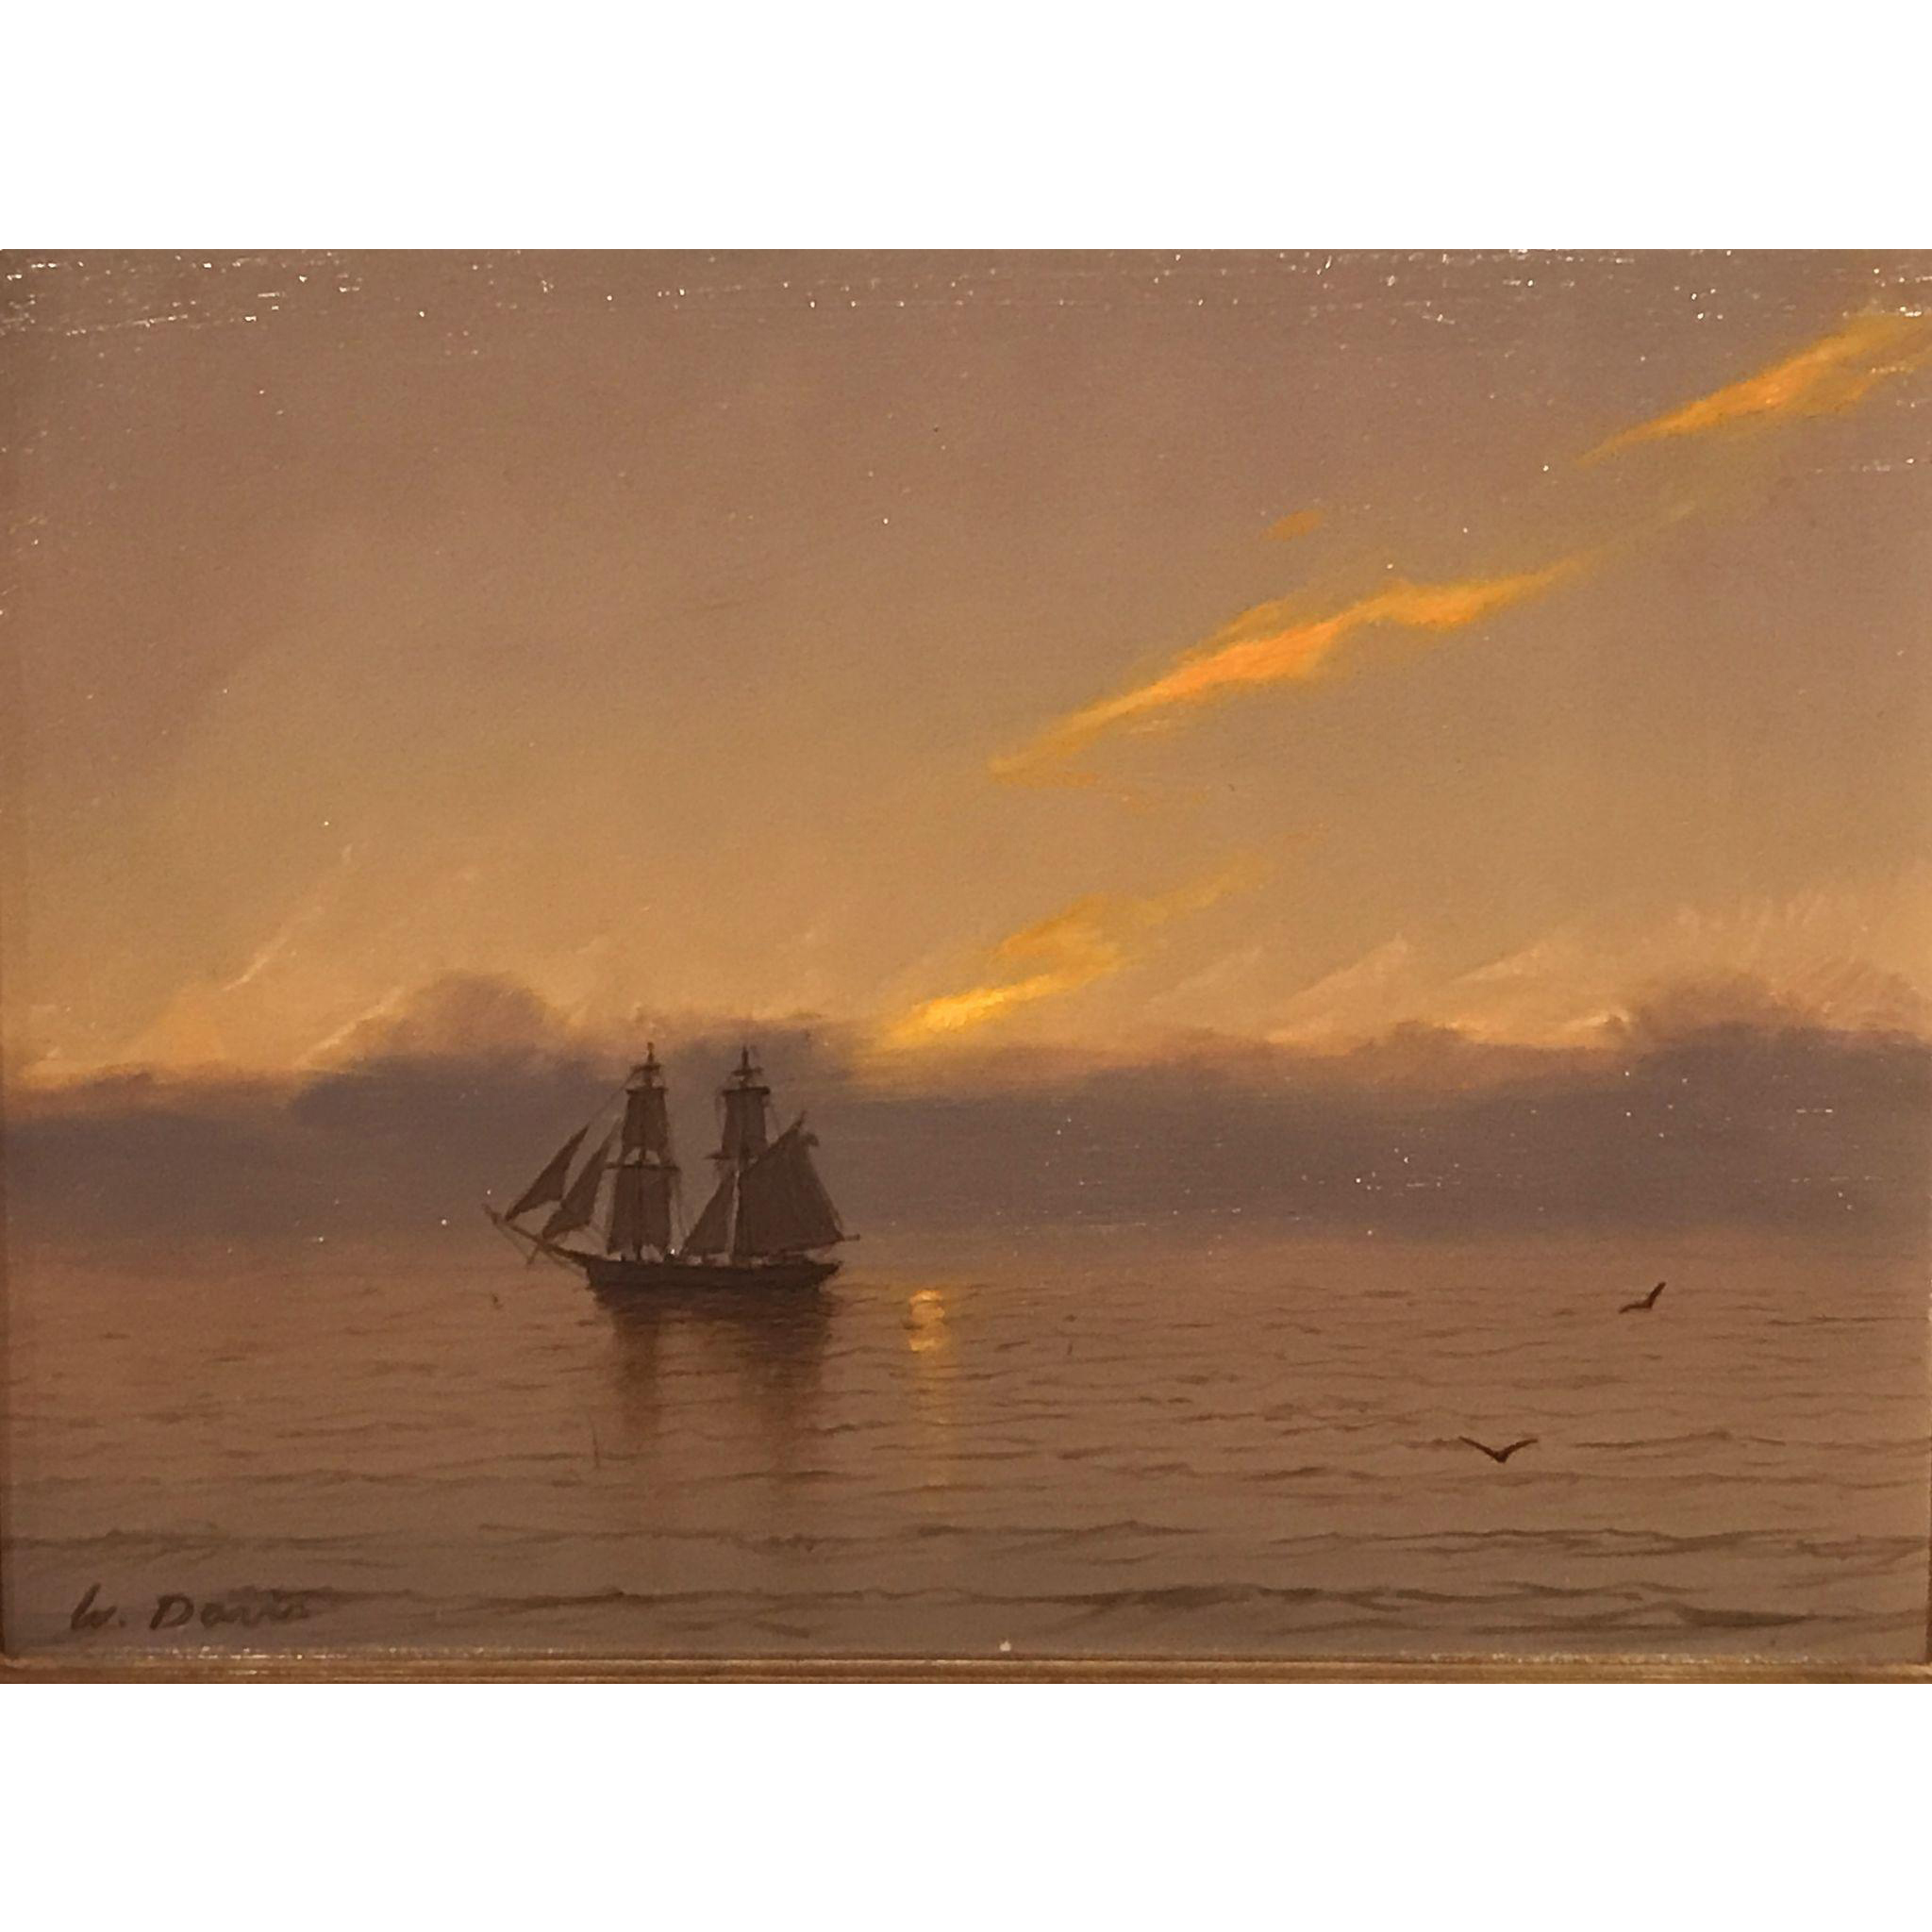 William R. Davis Marine Oil Painting - Brig at Sunset